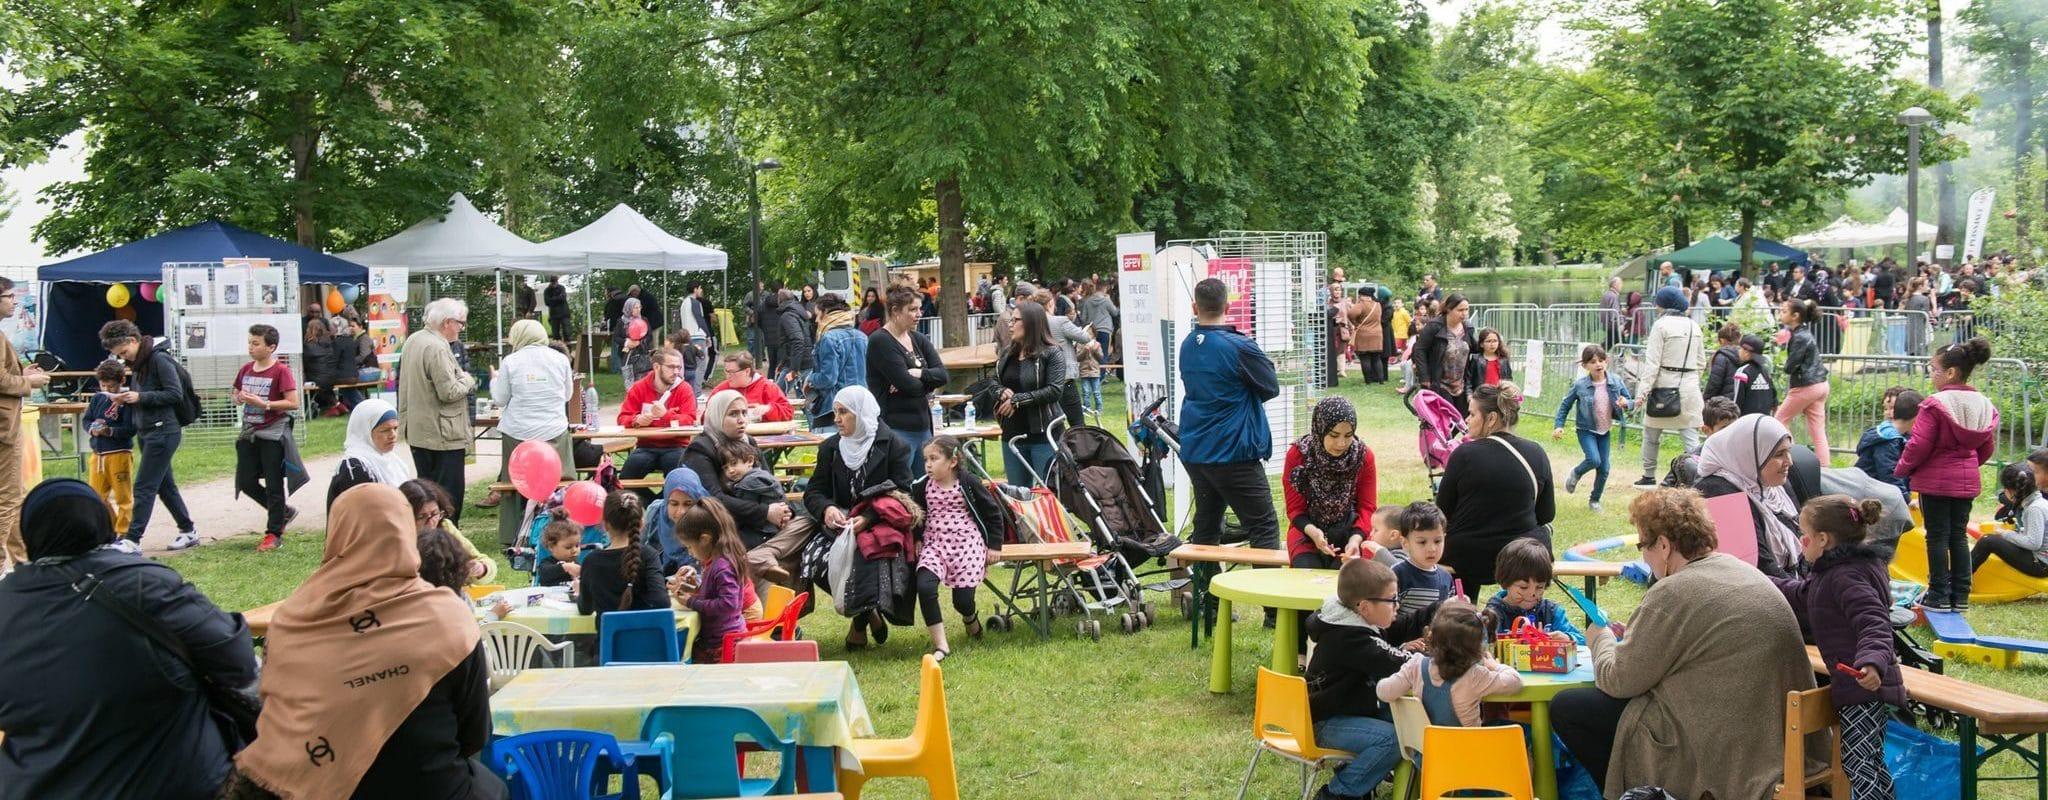 Festivités en famille au parc Schulmeister ce samedi